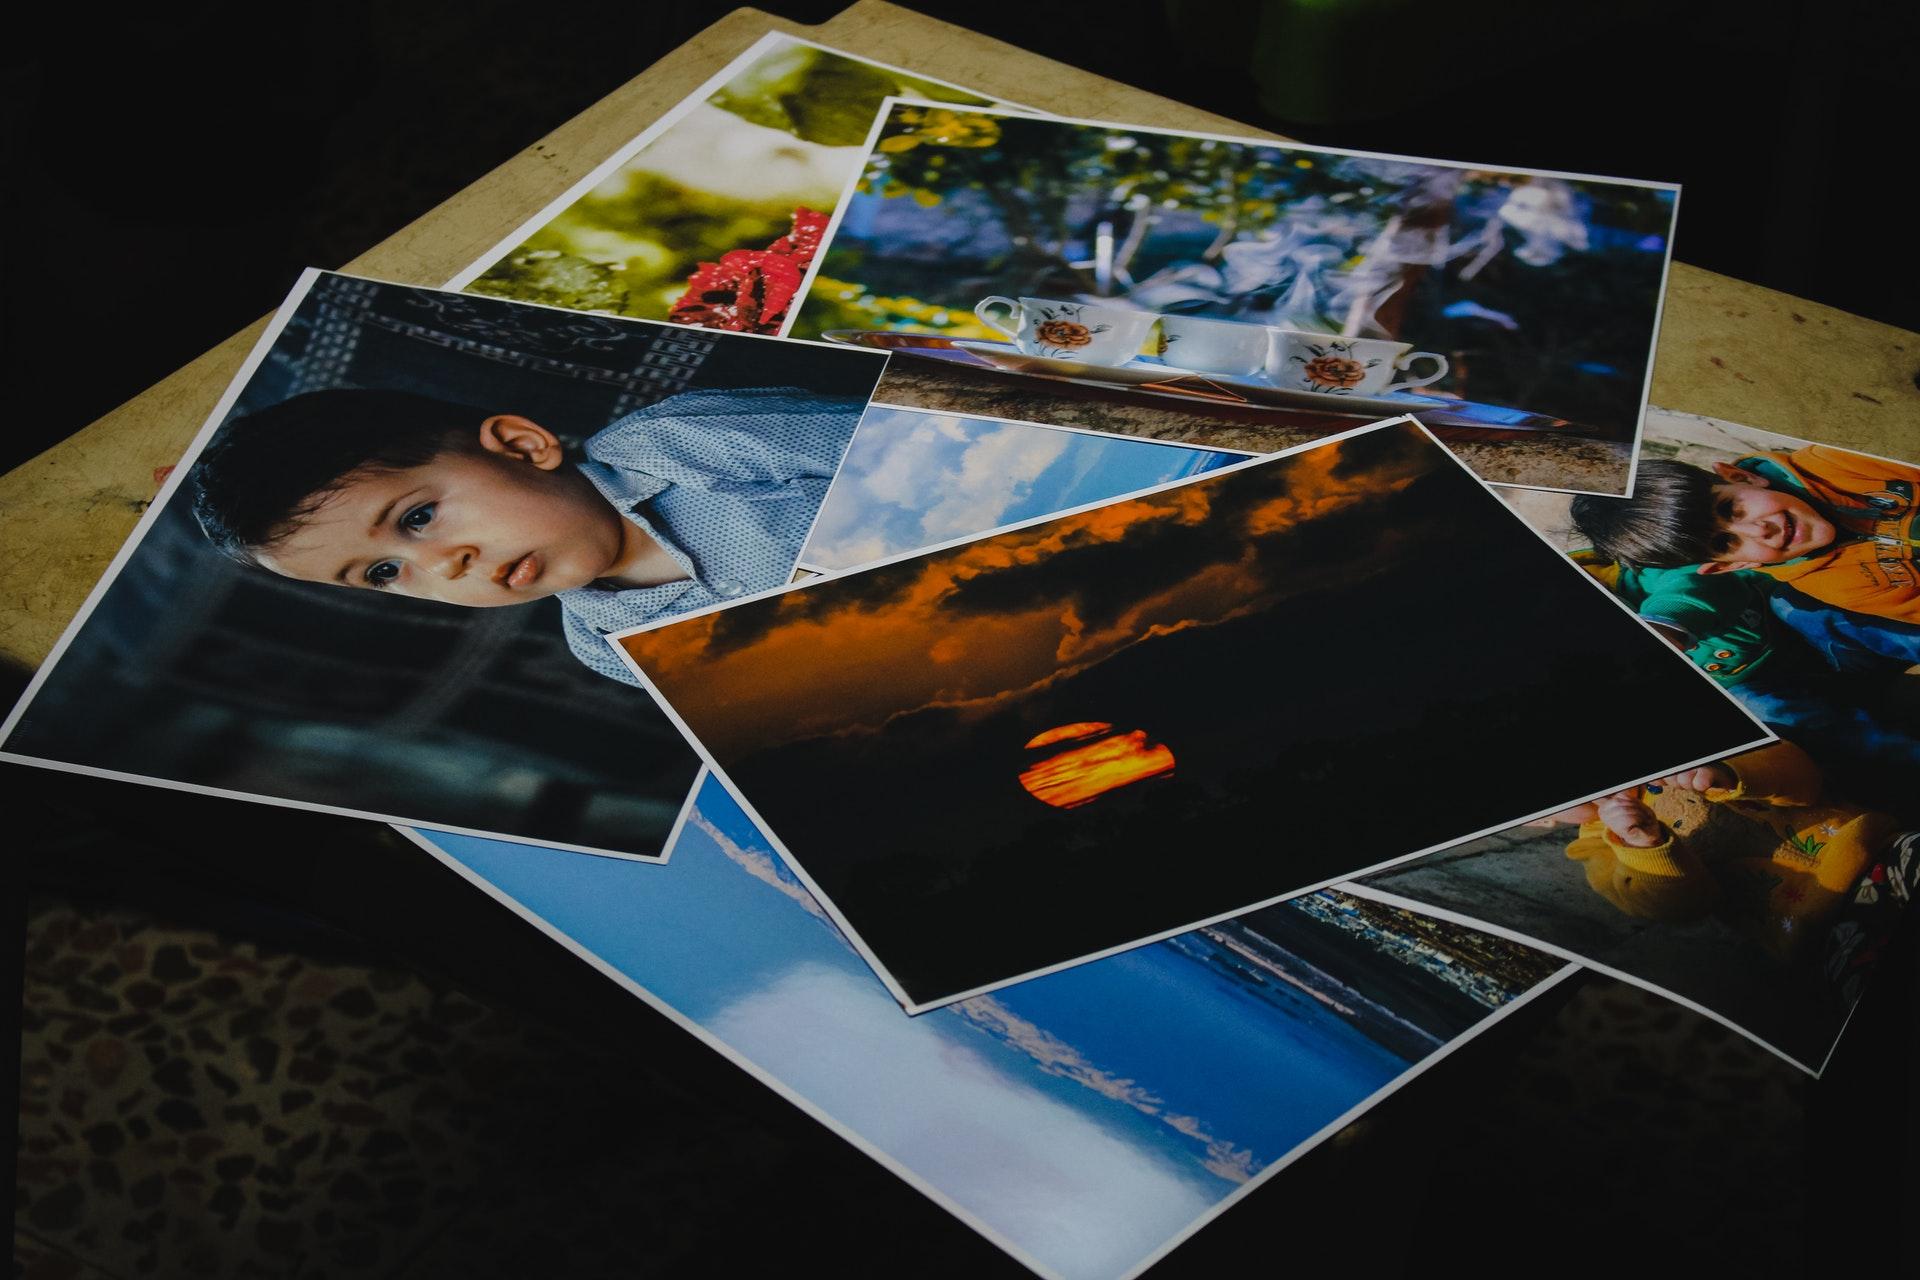 wywoływanie zdjęć rossmann